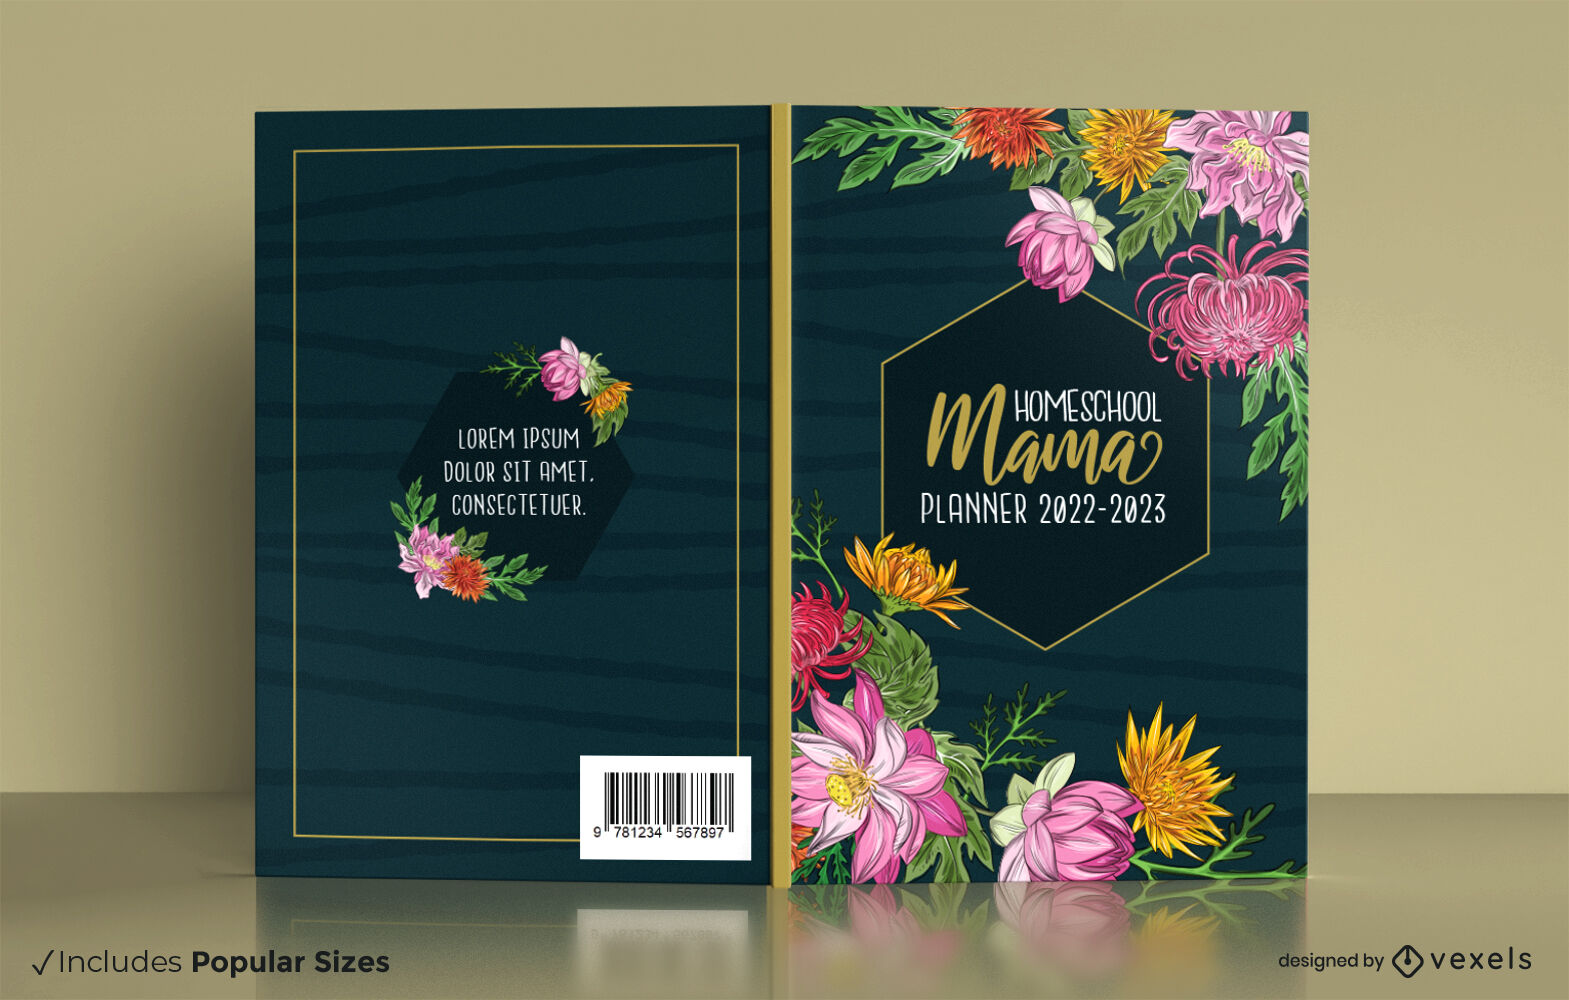 Diseño floral de la cubierta del planificador de educación en el hogar